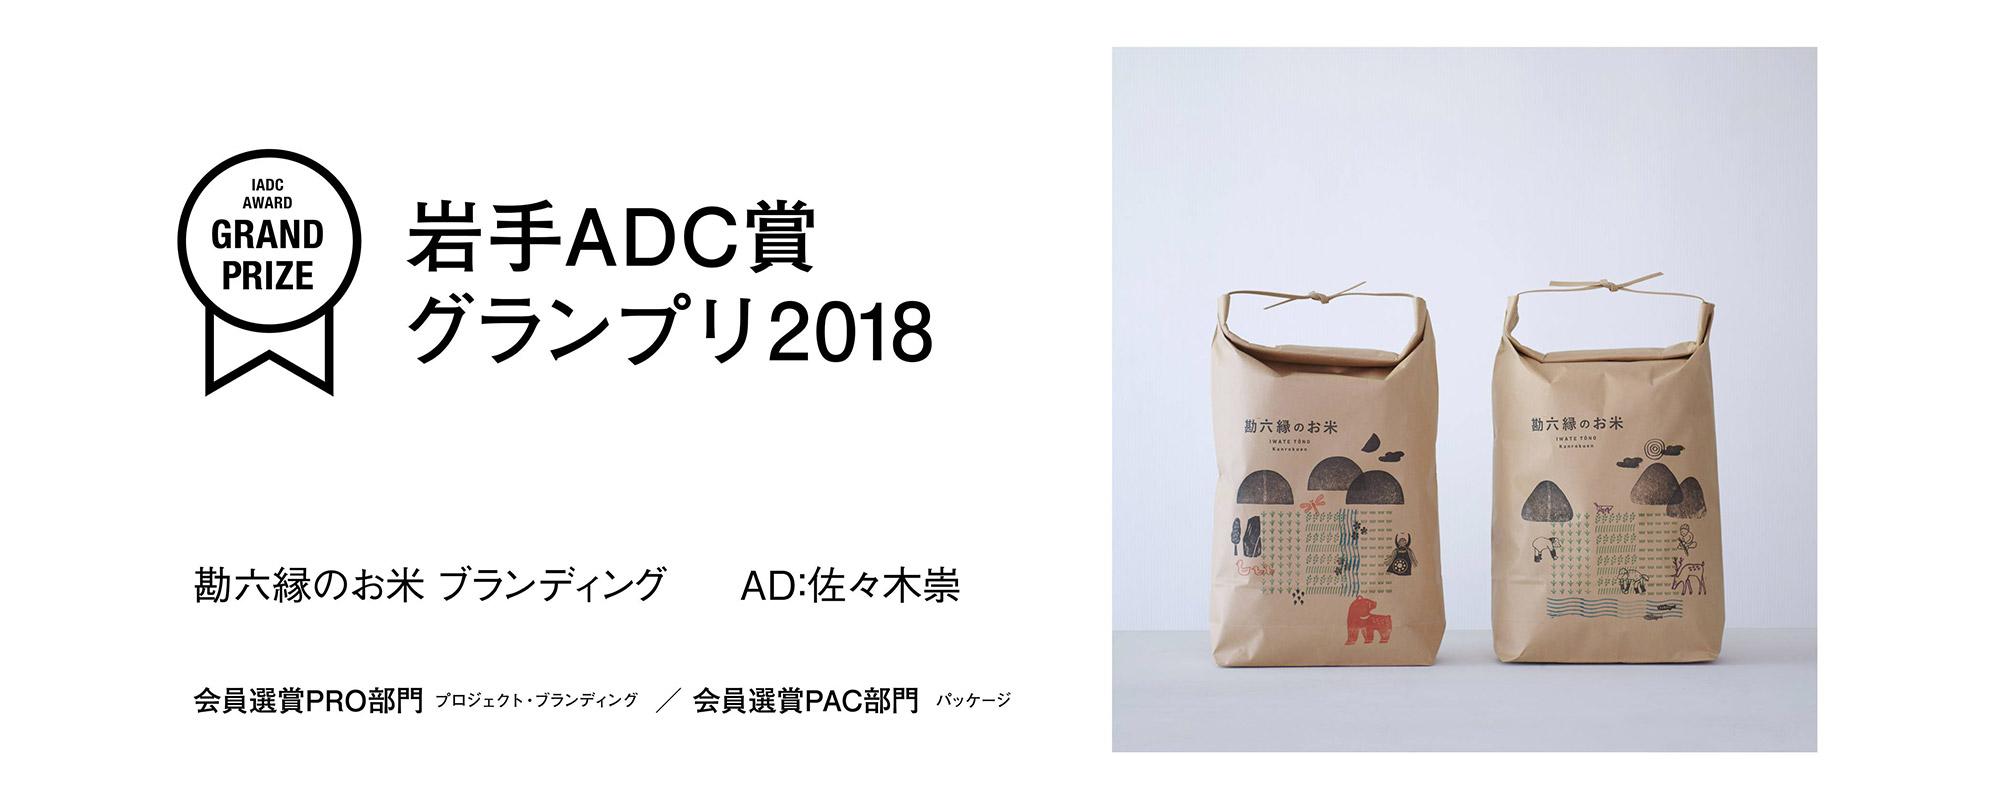 岩手ADC賞 グランプリ2018